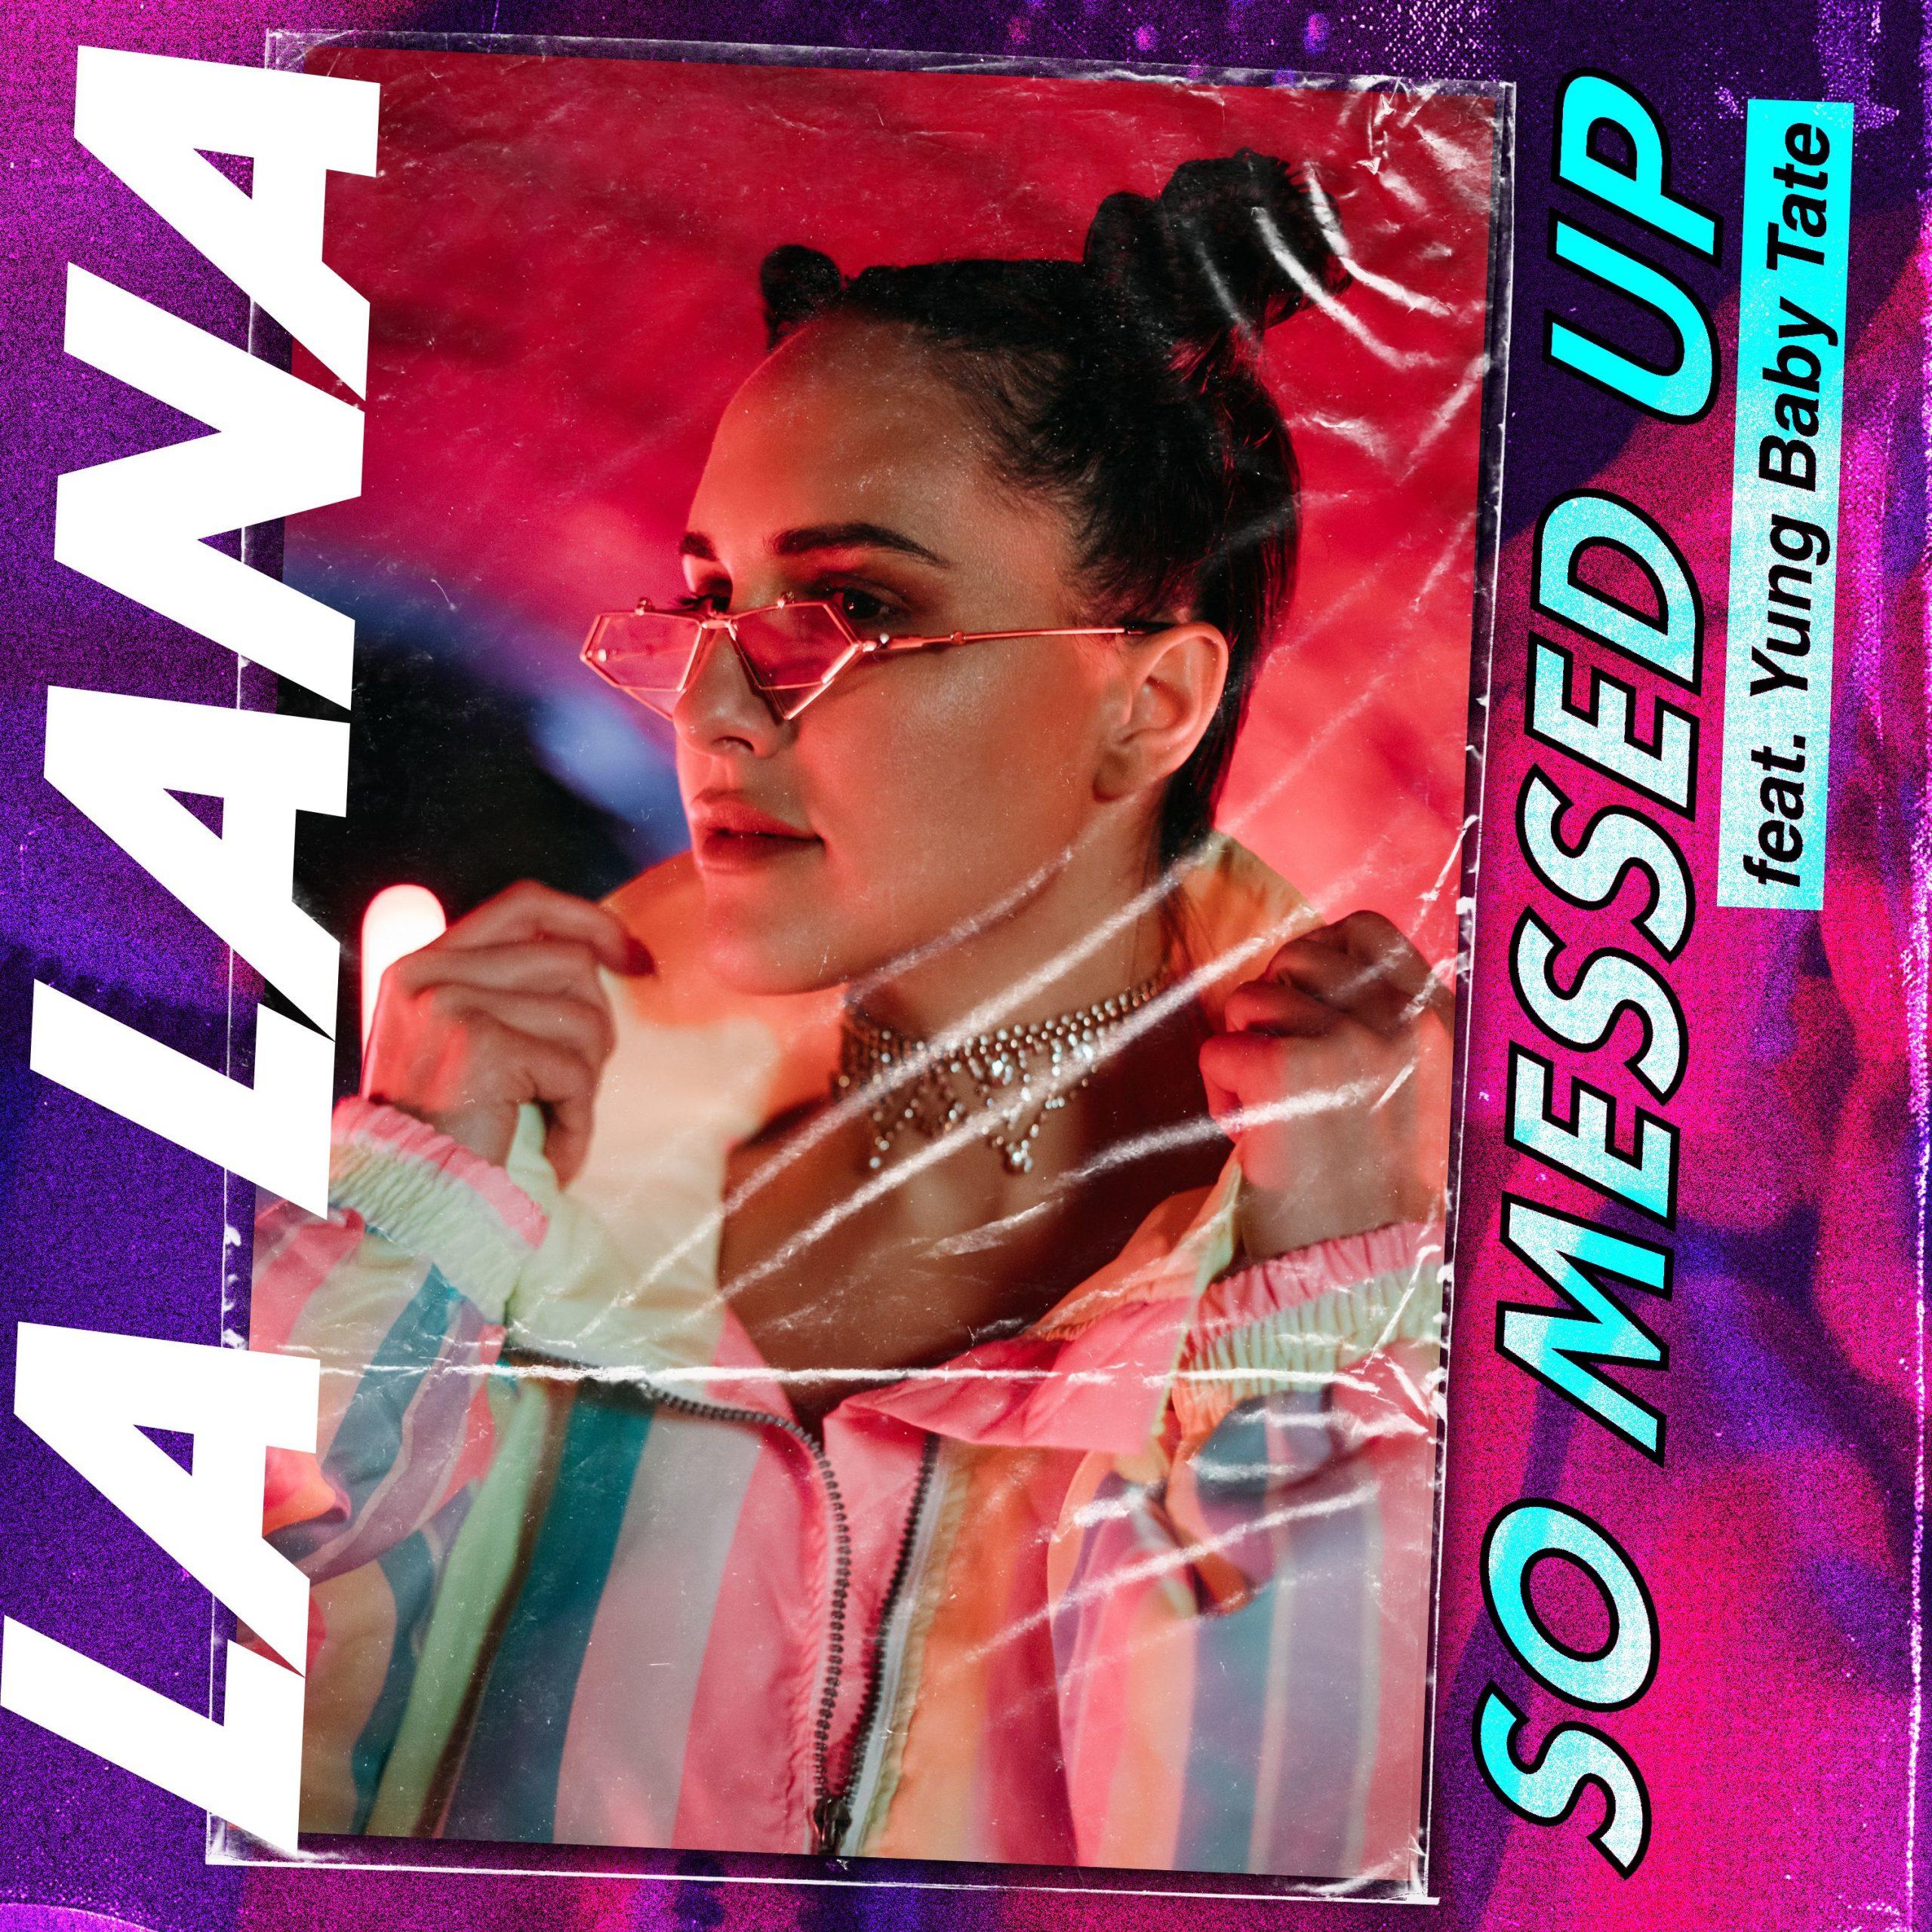 La Lana udružila snage s američkom repericom Yung Baby Tate!